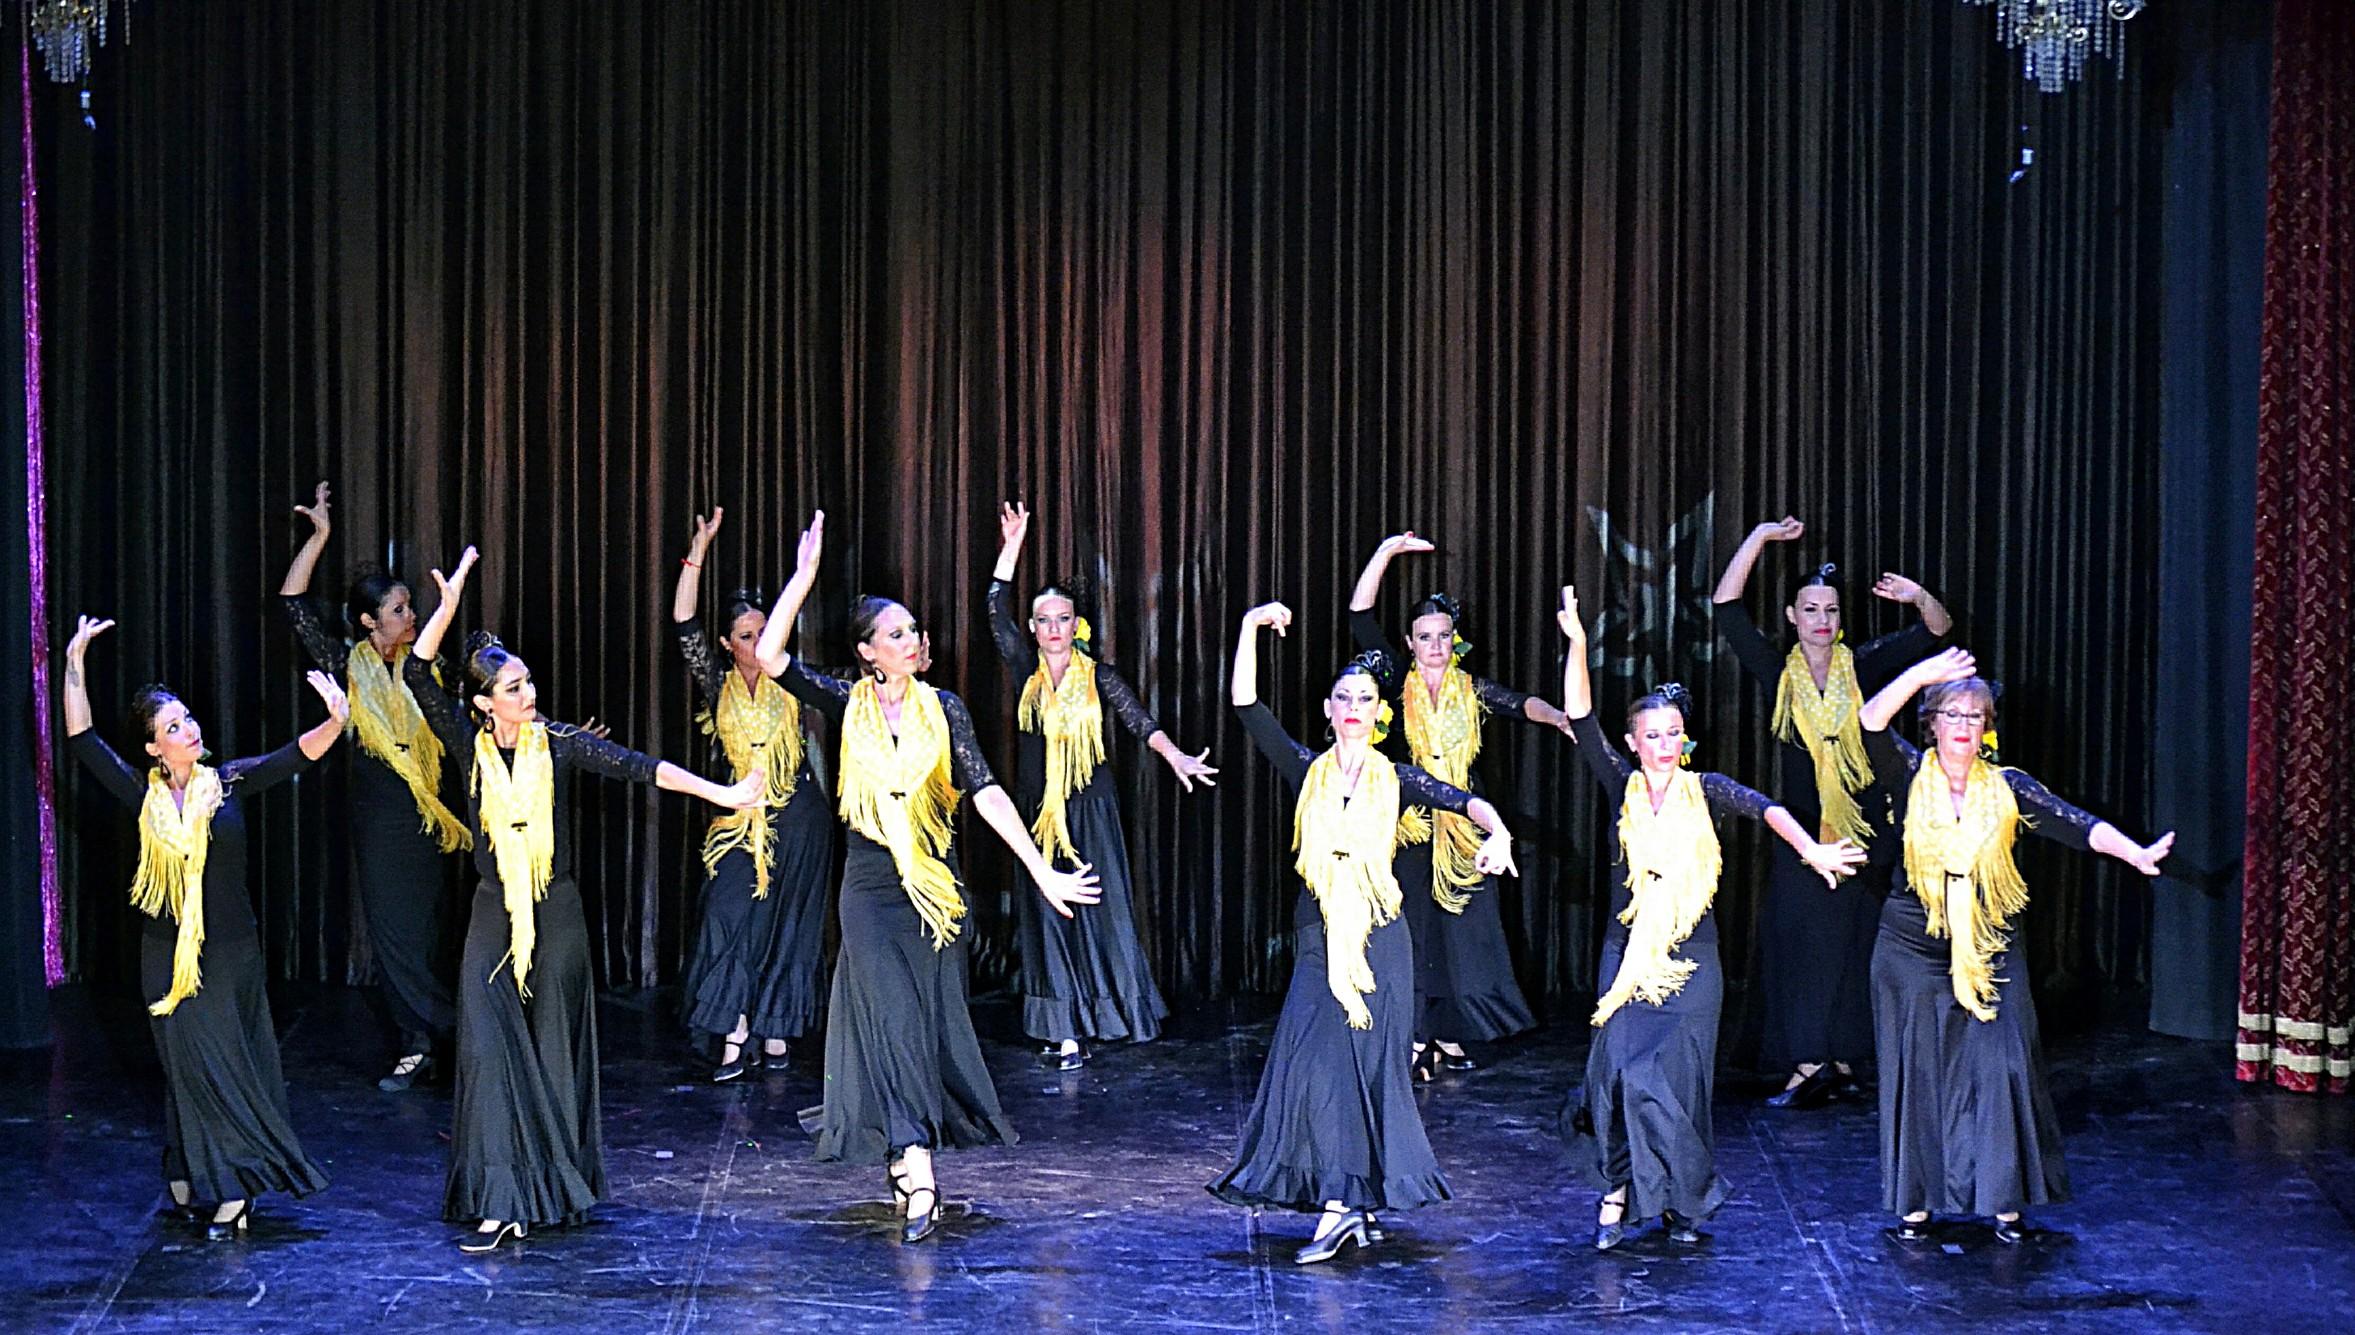 Linea-de-Baile-festival-verano-2015-clases-de-baile-valencia-109